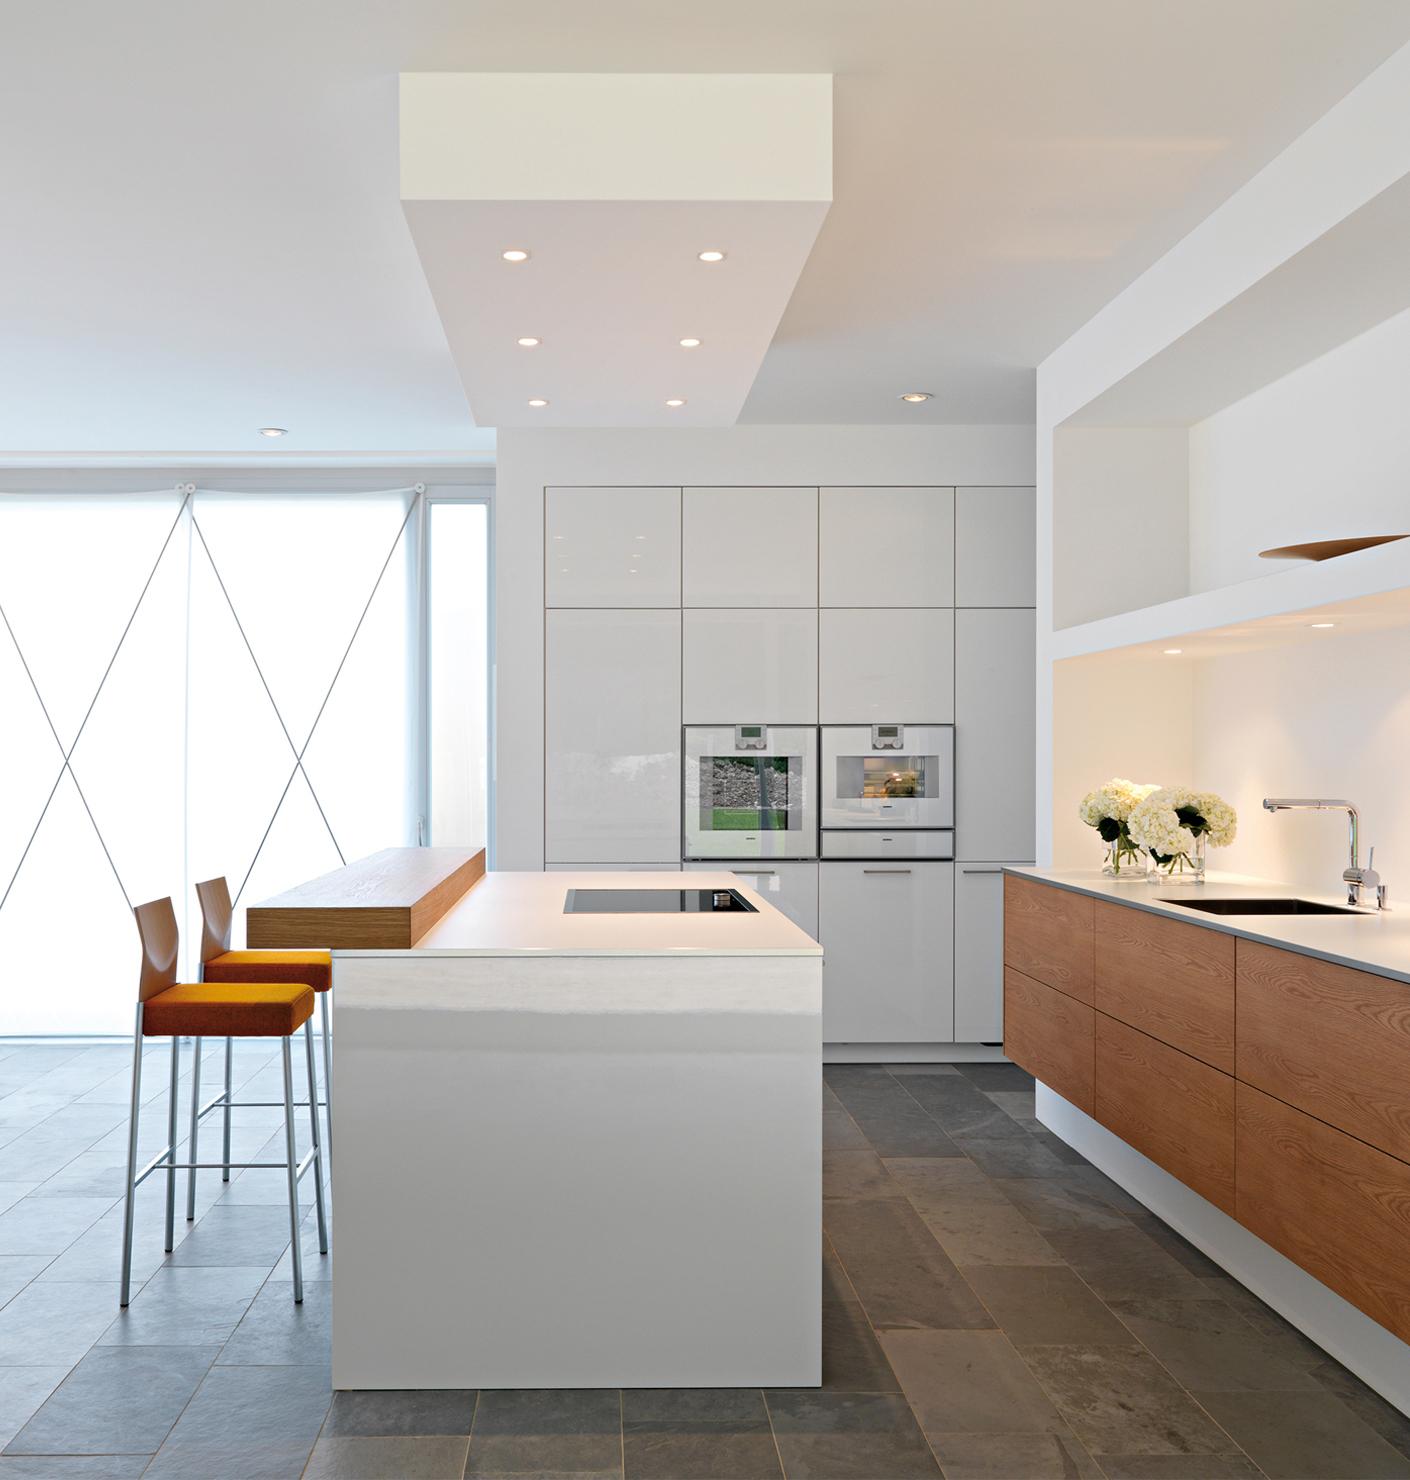 evo | valais von leicht küchen | stylepark - Leicht Küchen Katalog